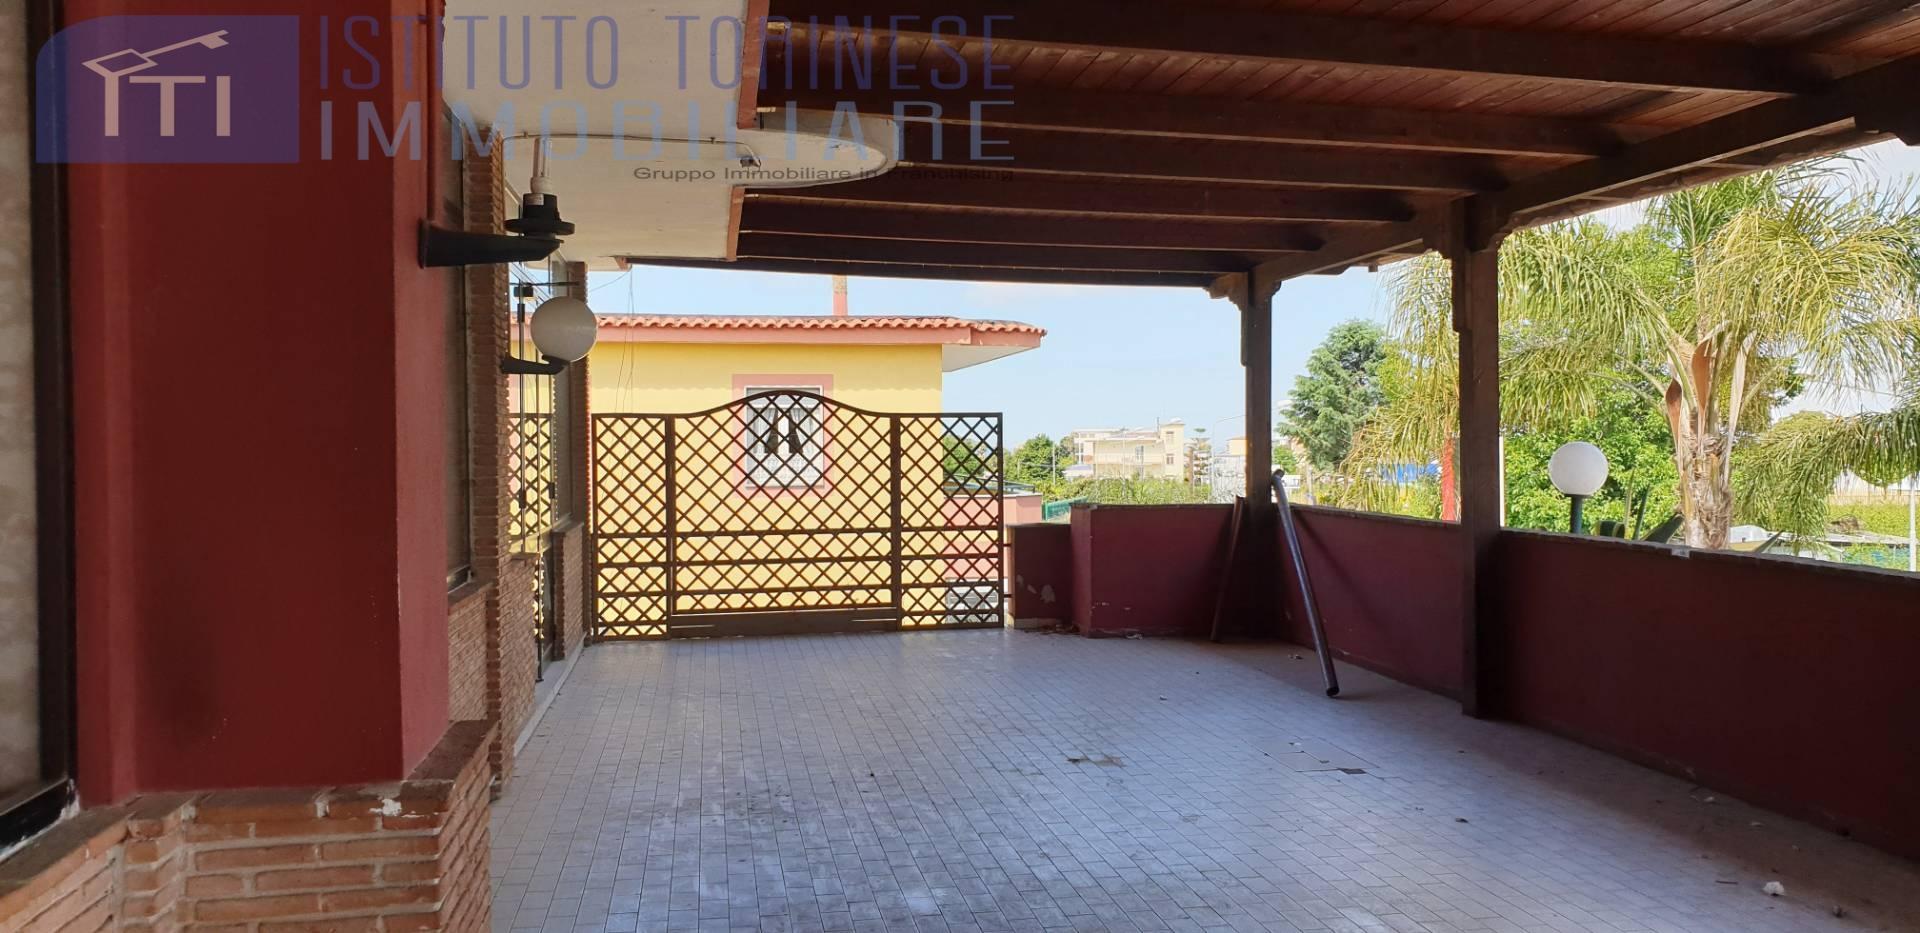 Negozio / Locale in affitto a Marano di Napoli, 9999 locali, prezzo € 1.000 | CambioCasa.it